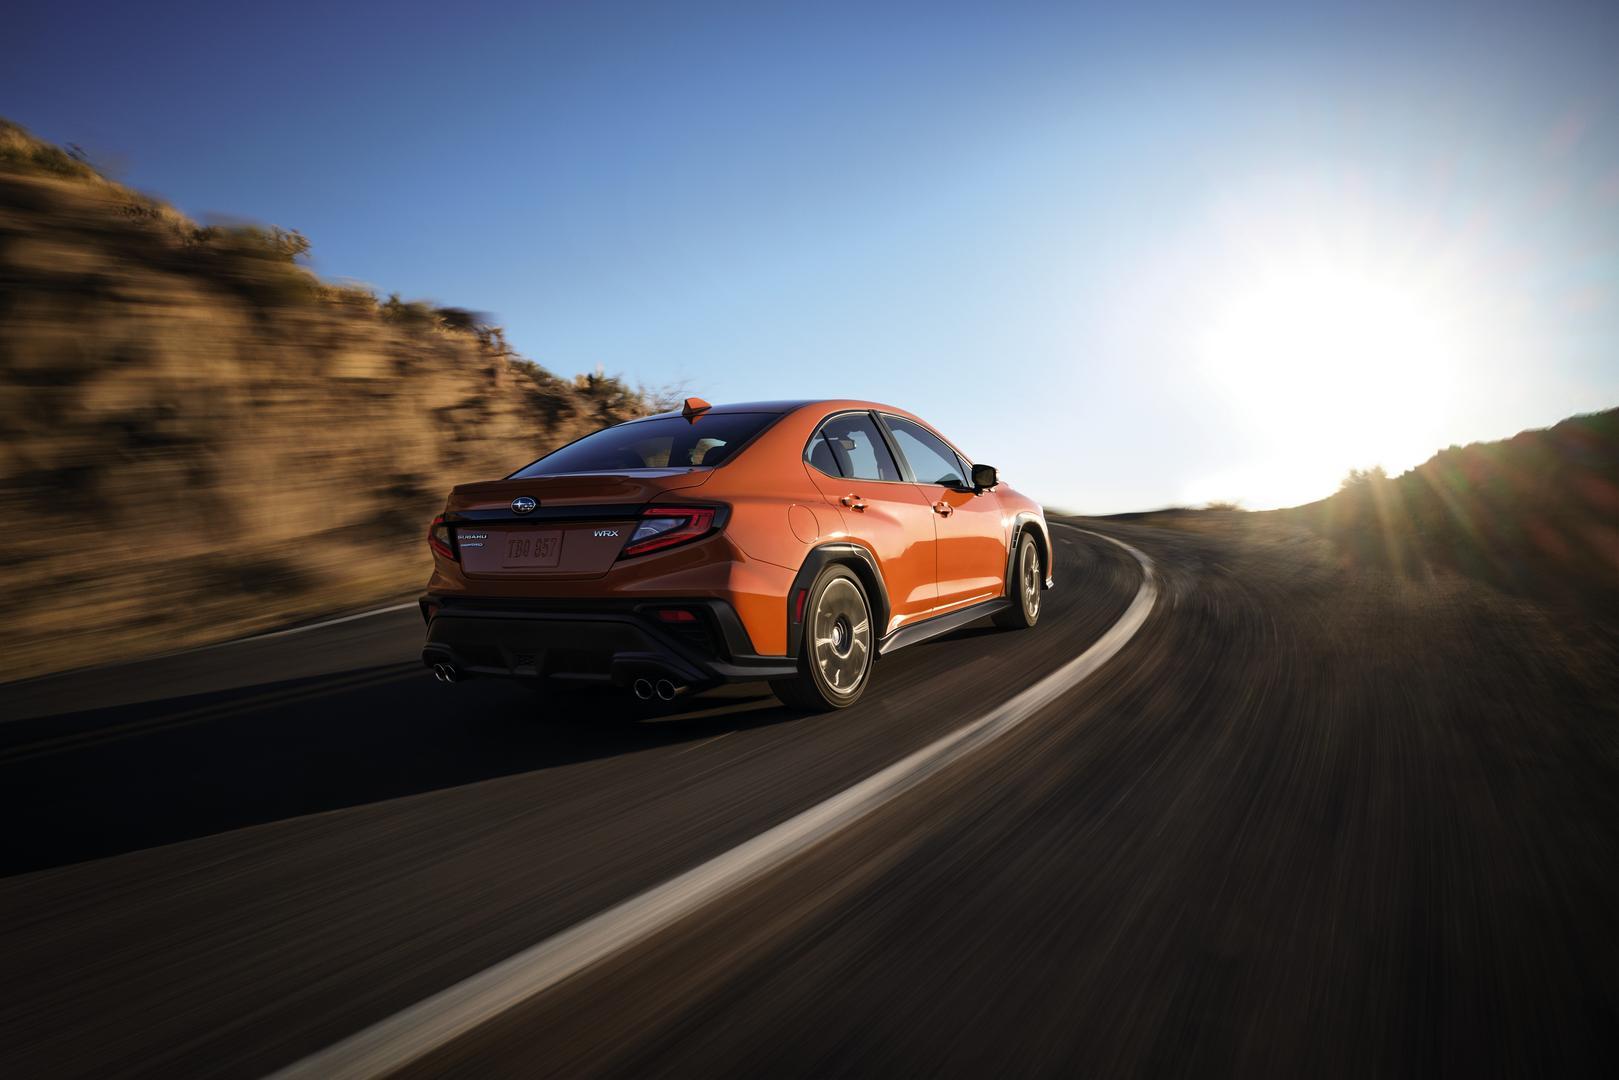 2022 Subaru WRX GT rear